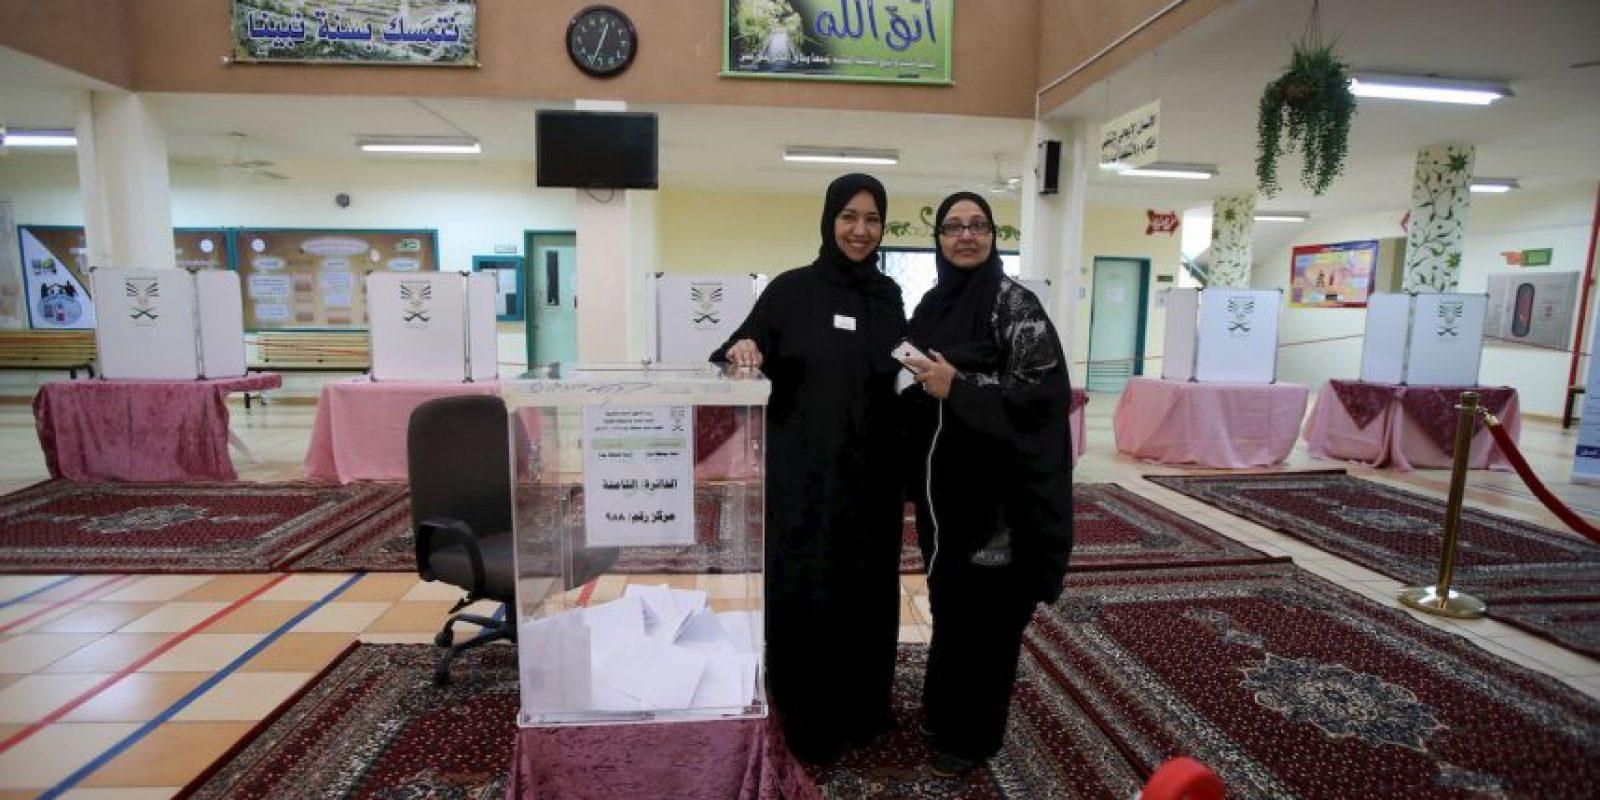 Las mujeres pudieron votar en unas elecciones locales. Foto:Getty Images